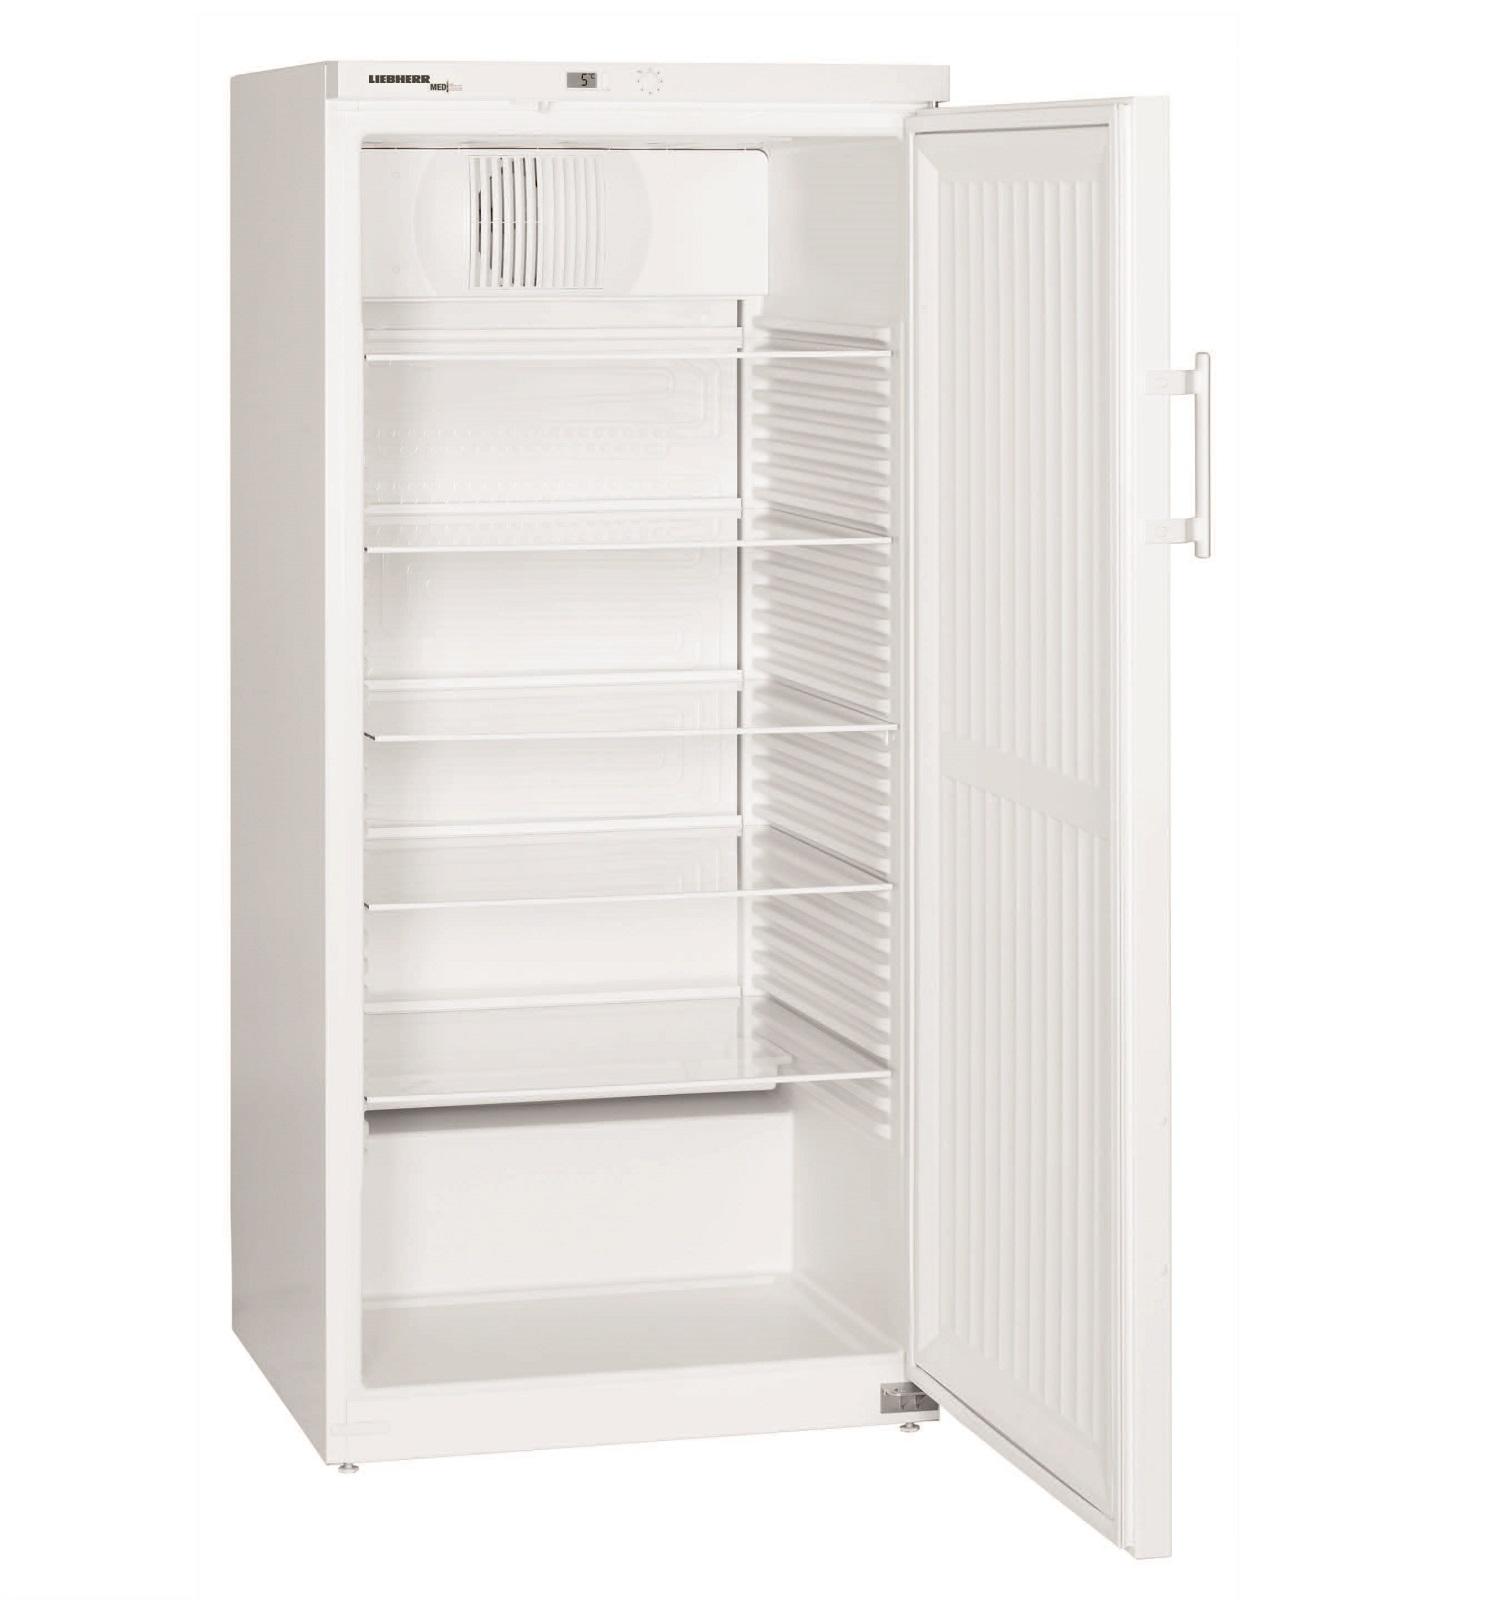 купить Лабораторный холодильный шкаф Liebherr LKexv 5400 Украина фото 1